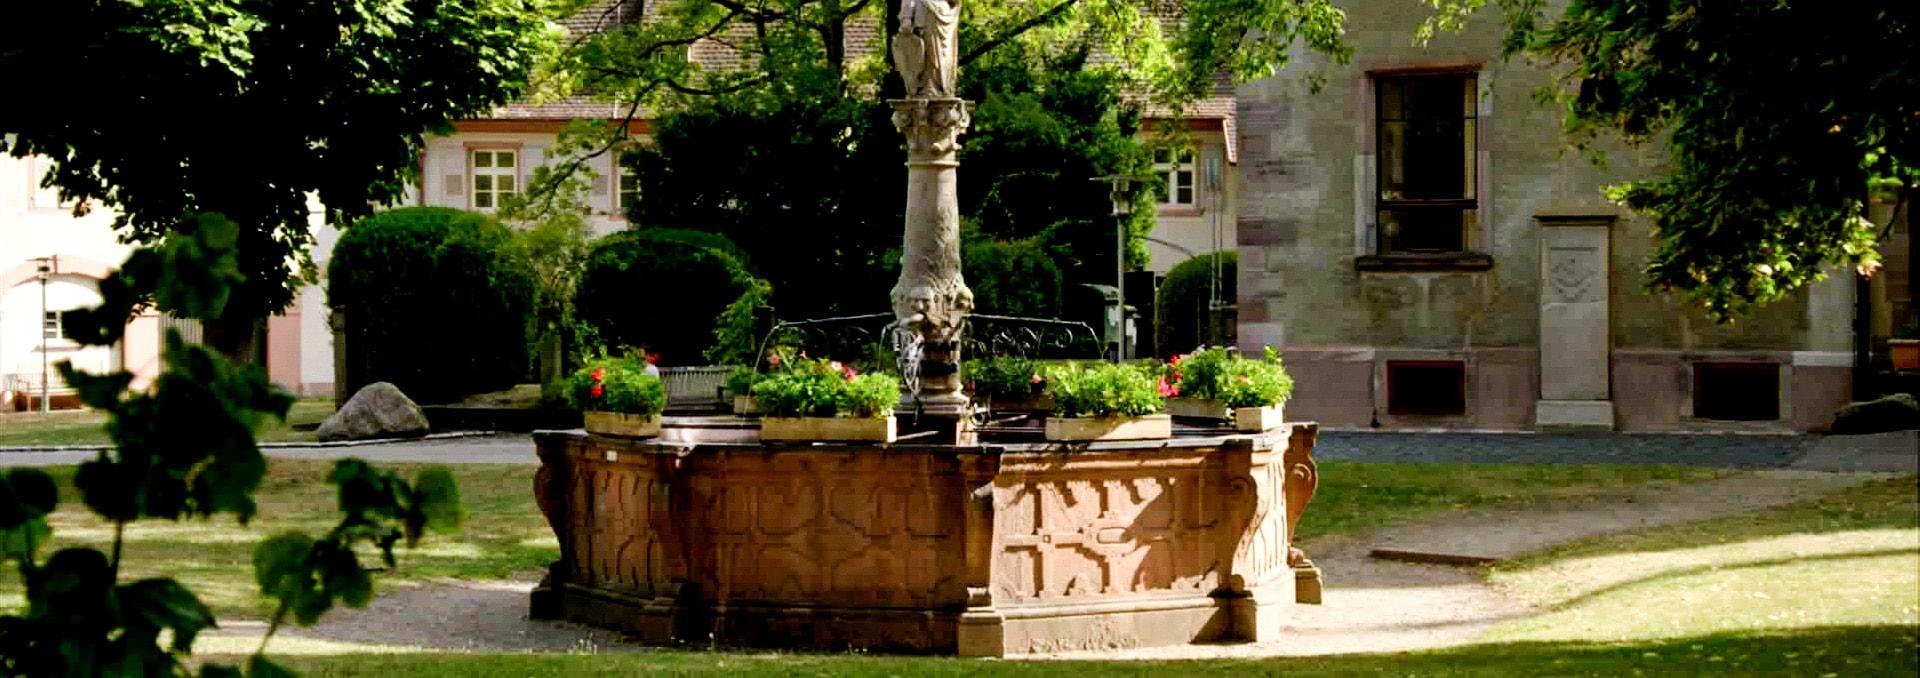 Brunnen im Innenhof des Klosters